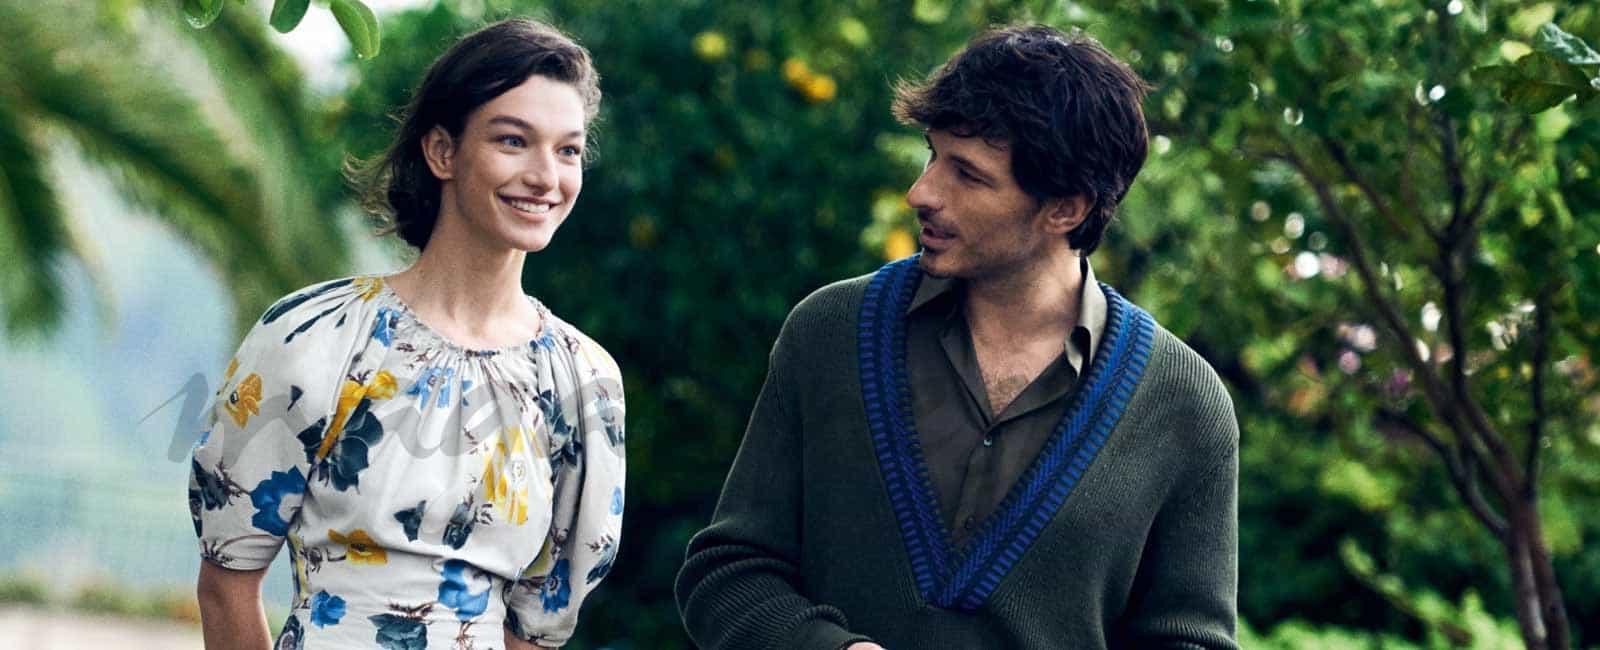 Andrés Velencoso y Lily Aldridge protagonizan la nueva campaña de Salvatore Ferragamo